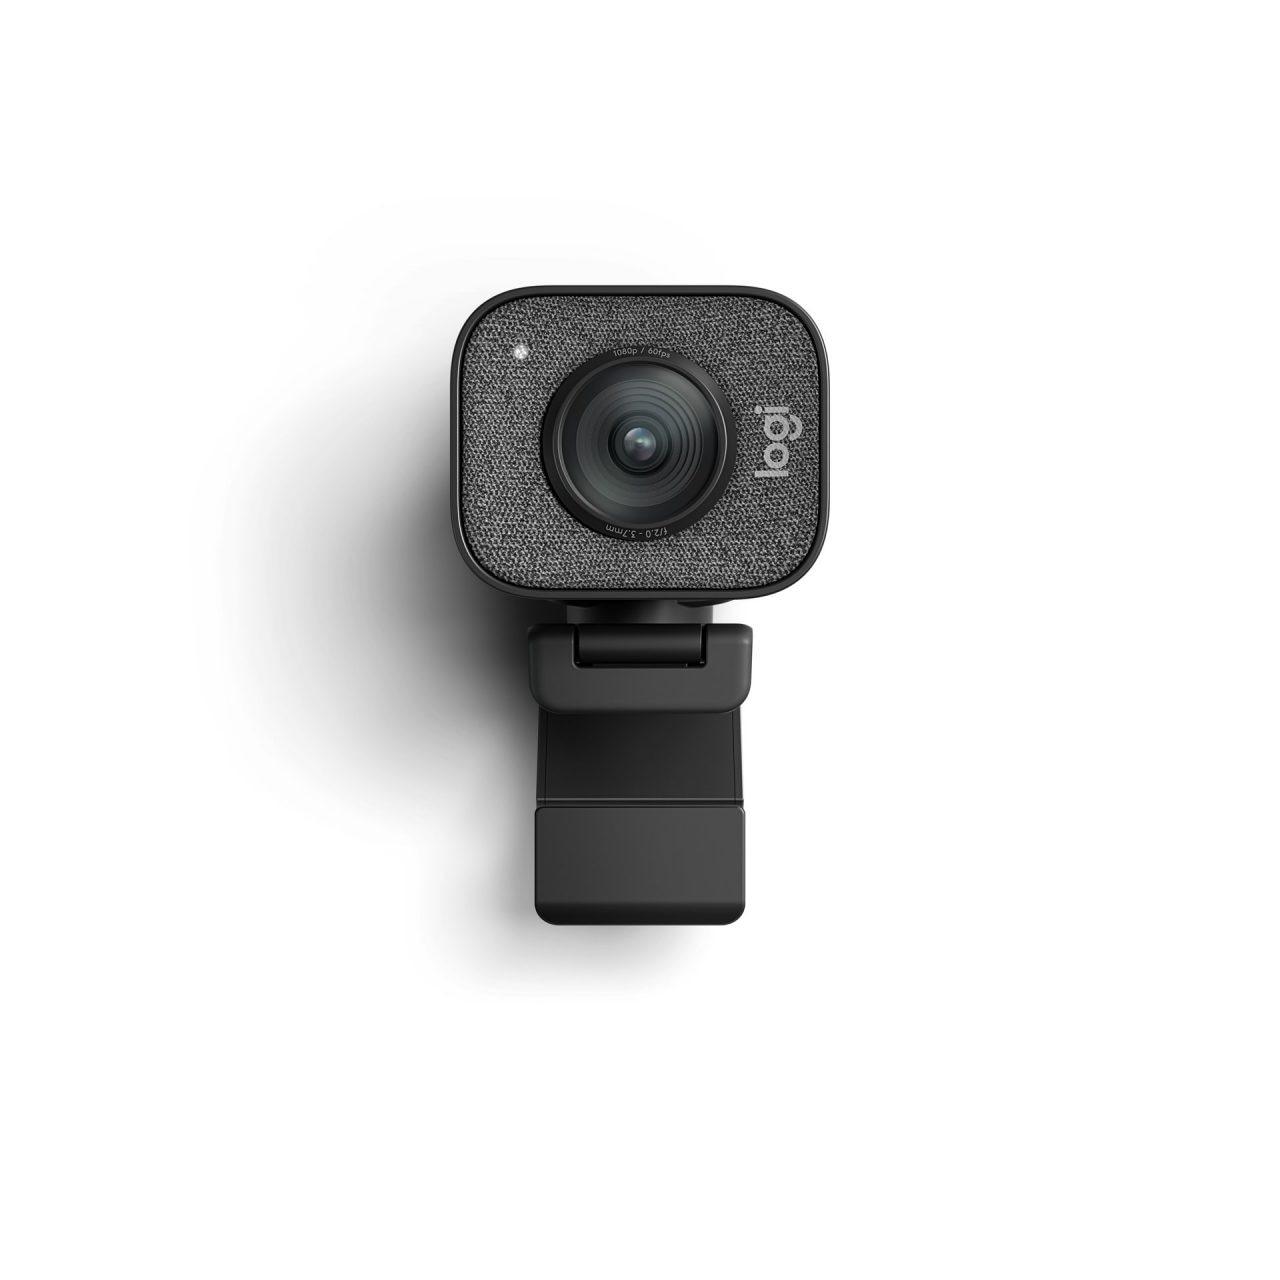 Logitech presenta la sua nuova webcam dedicata agli streamers: piccola, bella e costosa (foto)